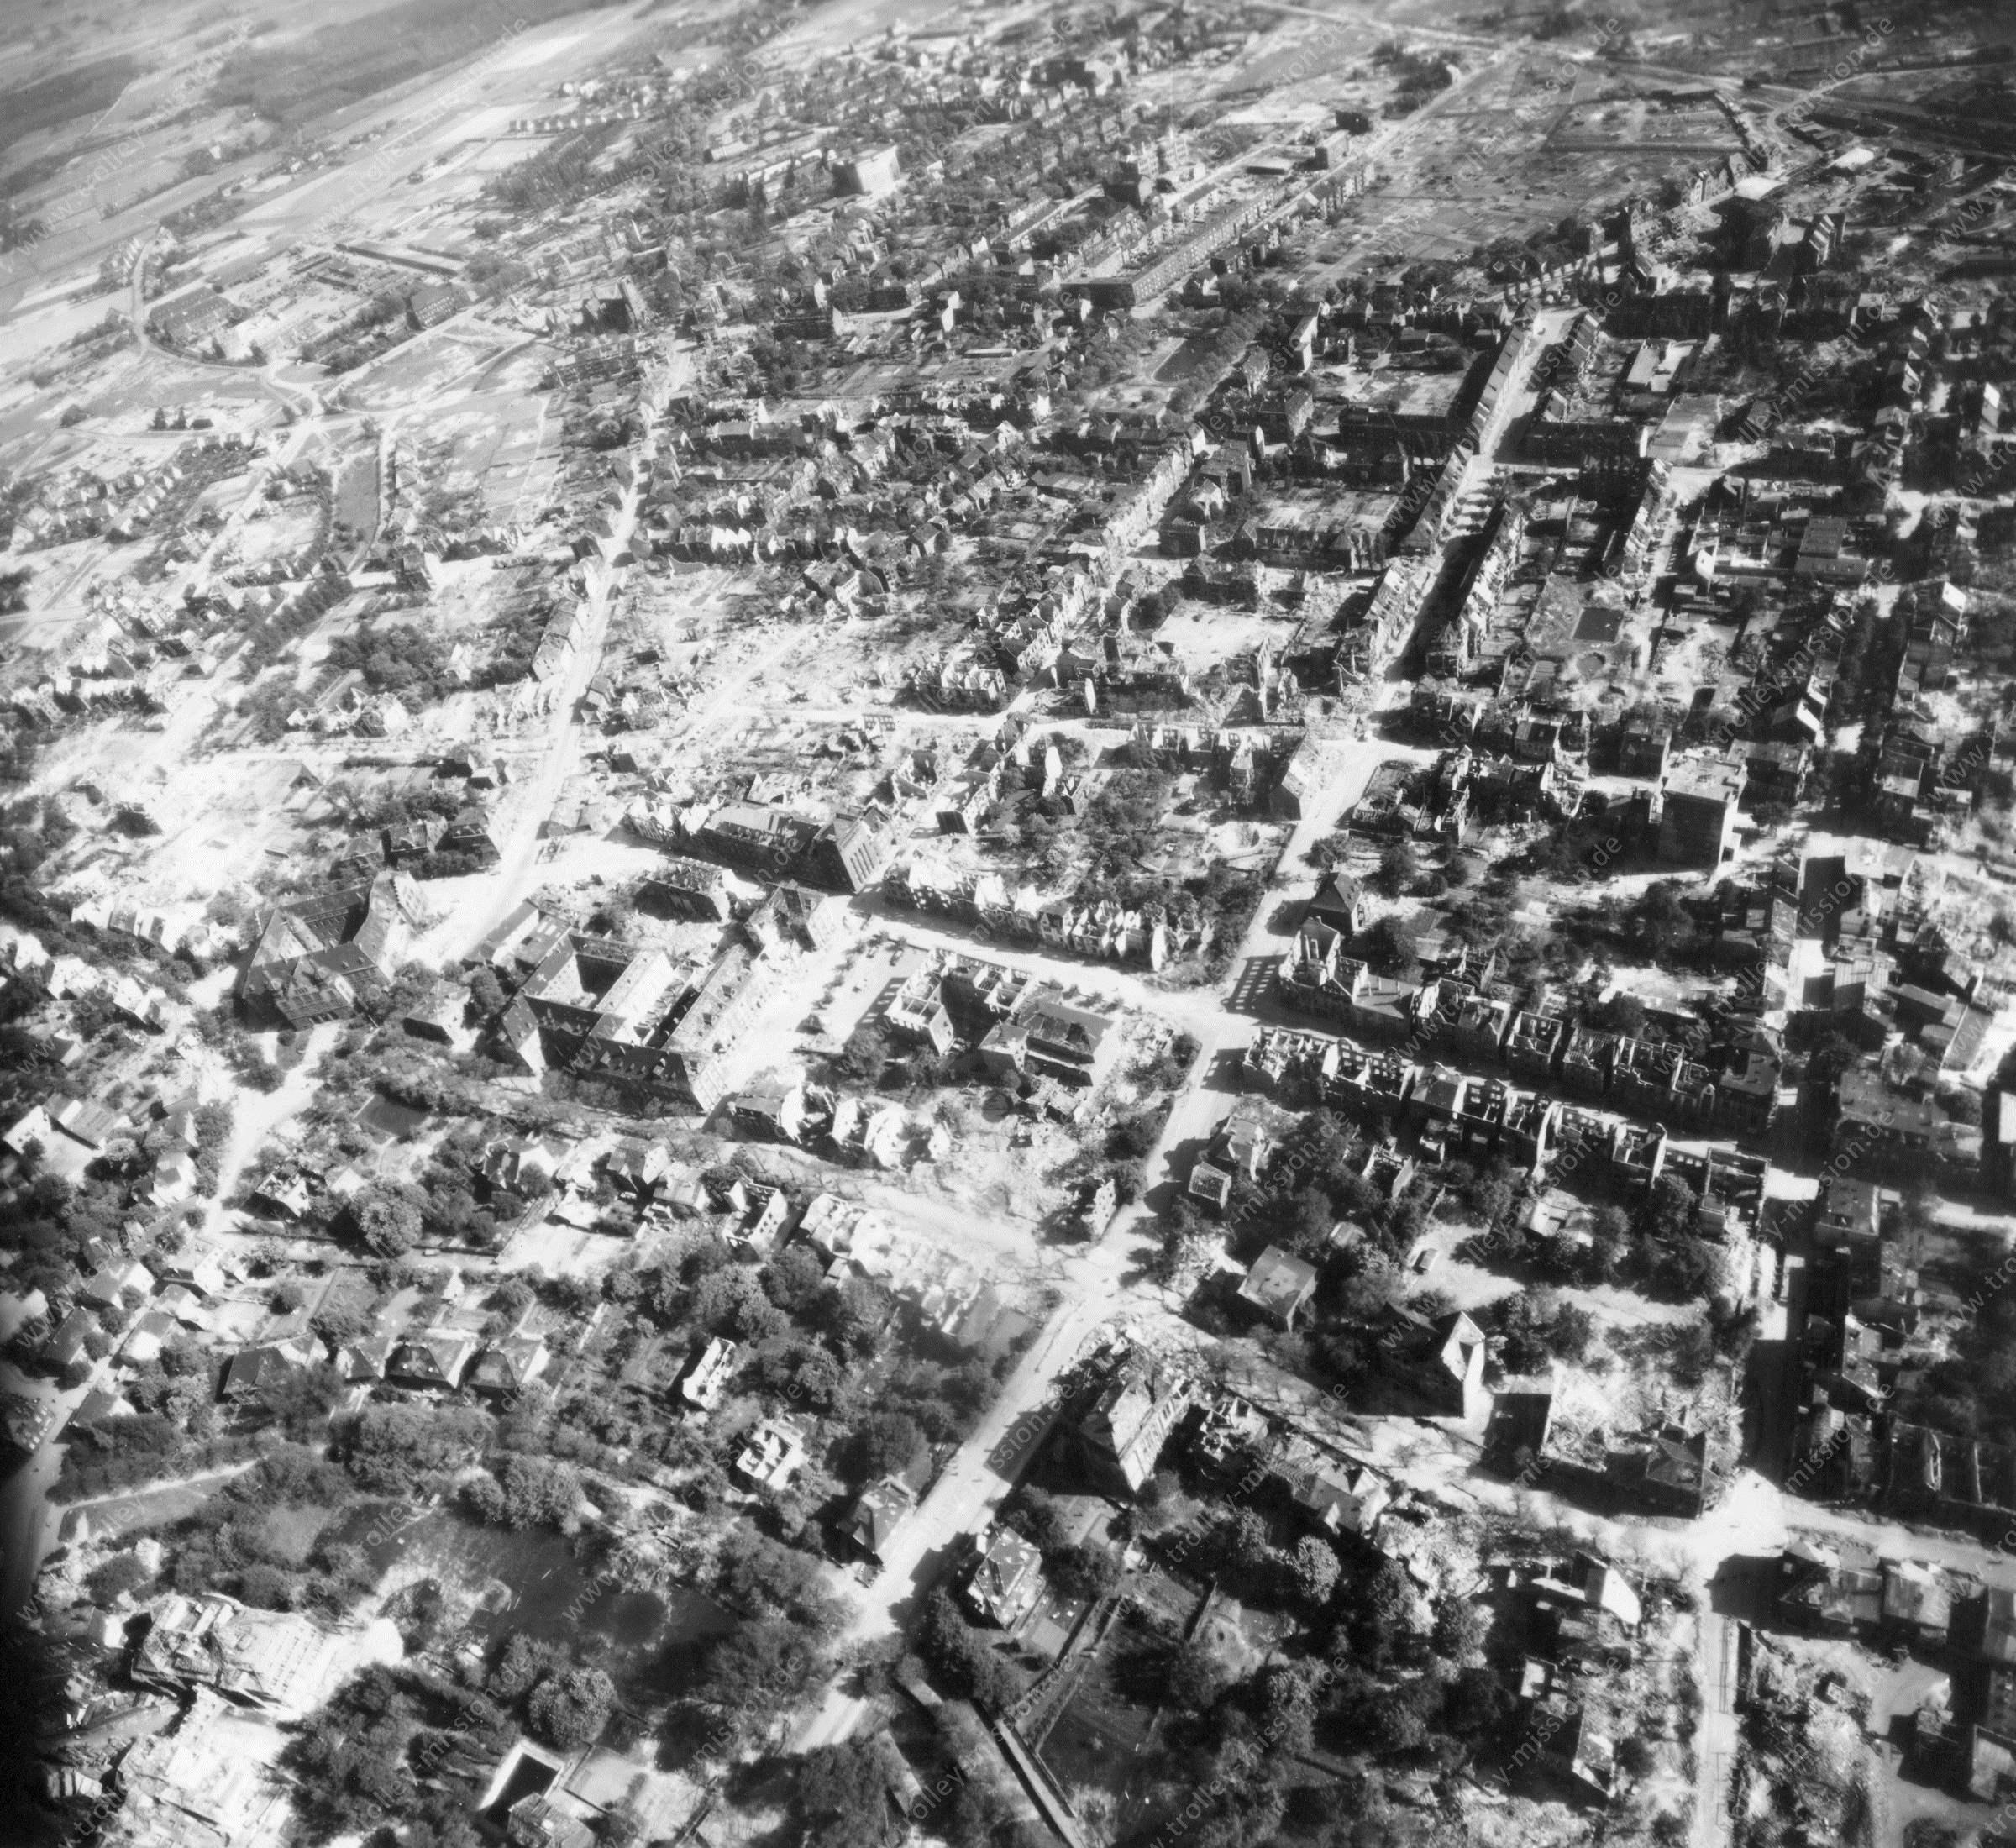 Luftbild von Hamm am 12. Mai 1945 - Luftbildserie 4/5 der US Air Force